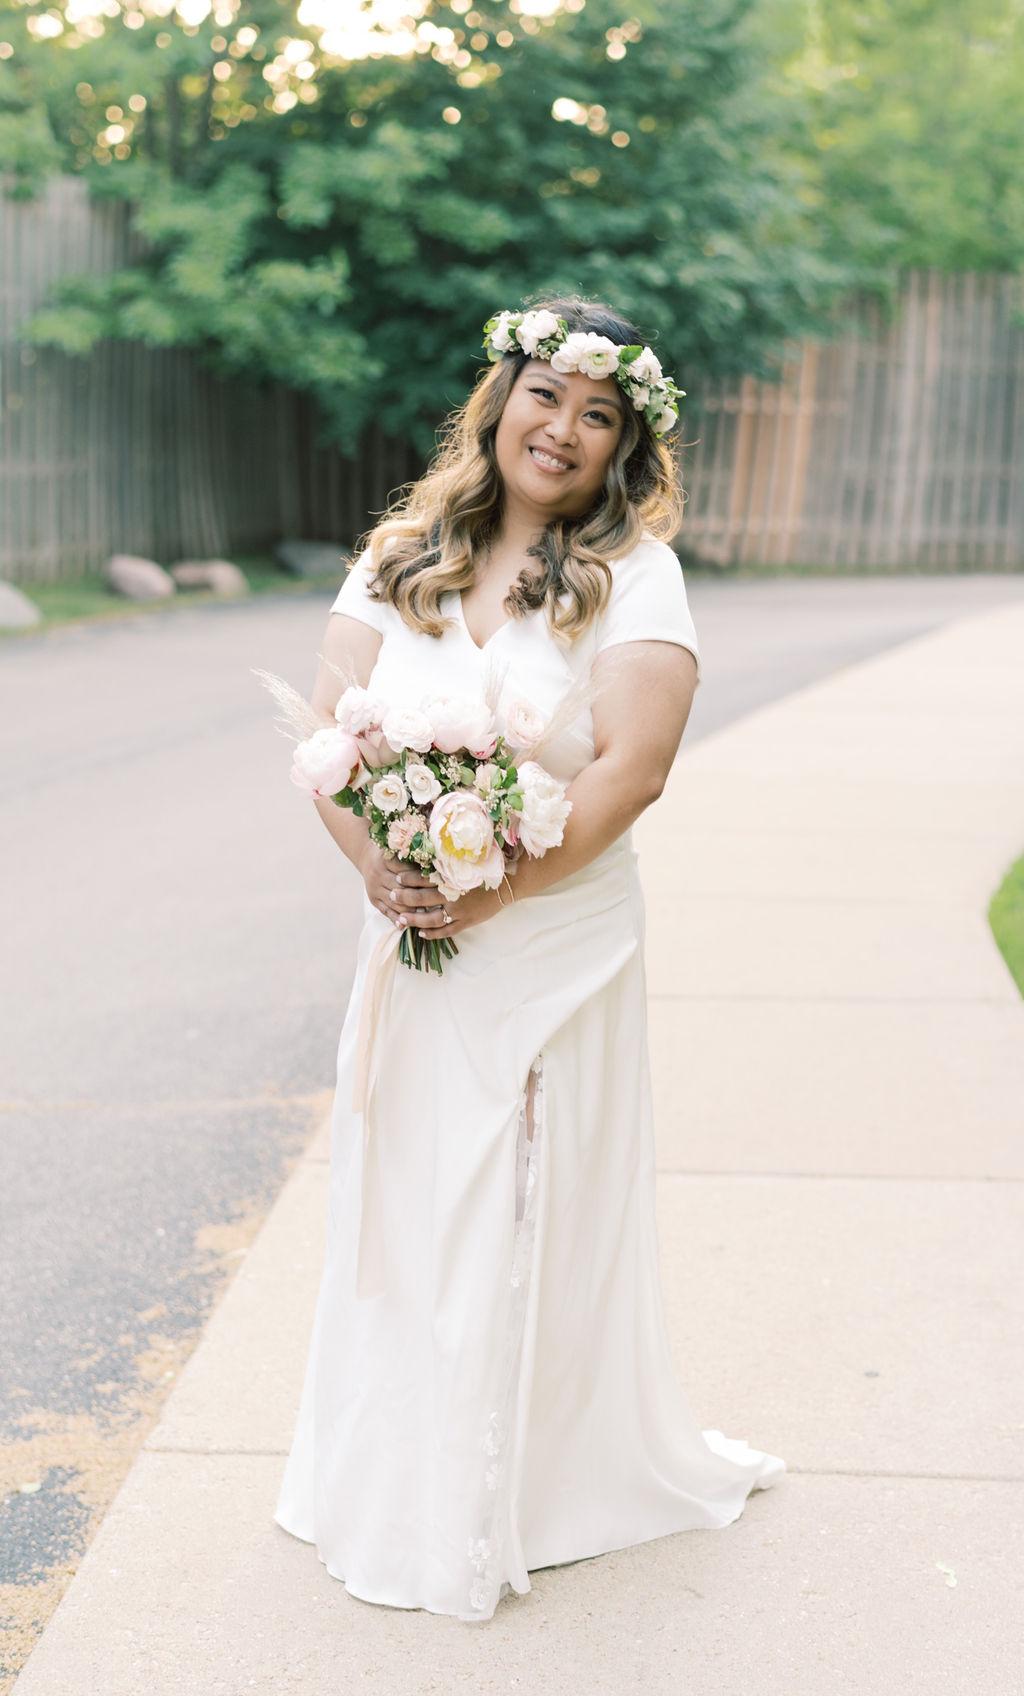 Solo Bride Picture